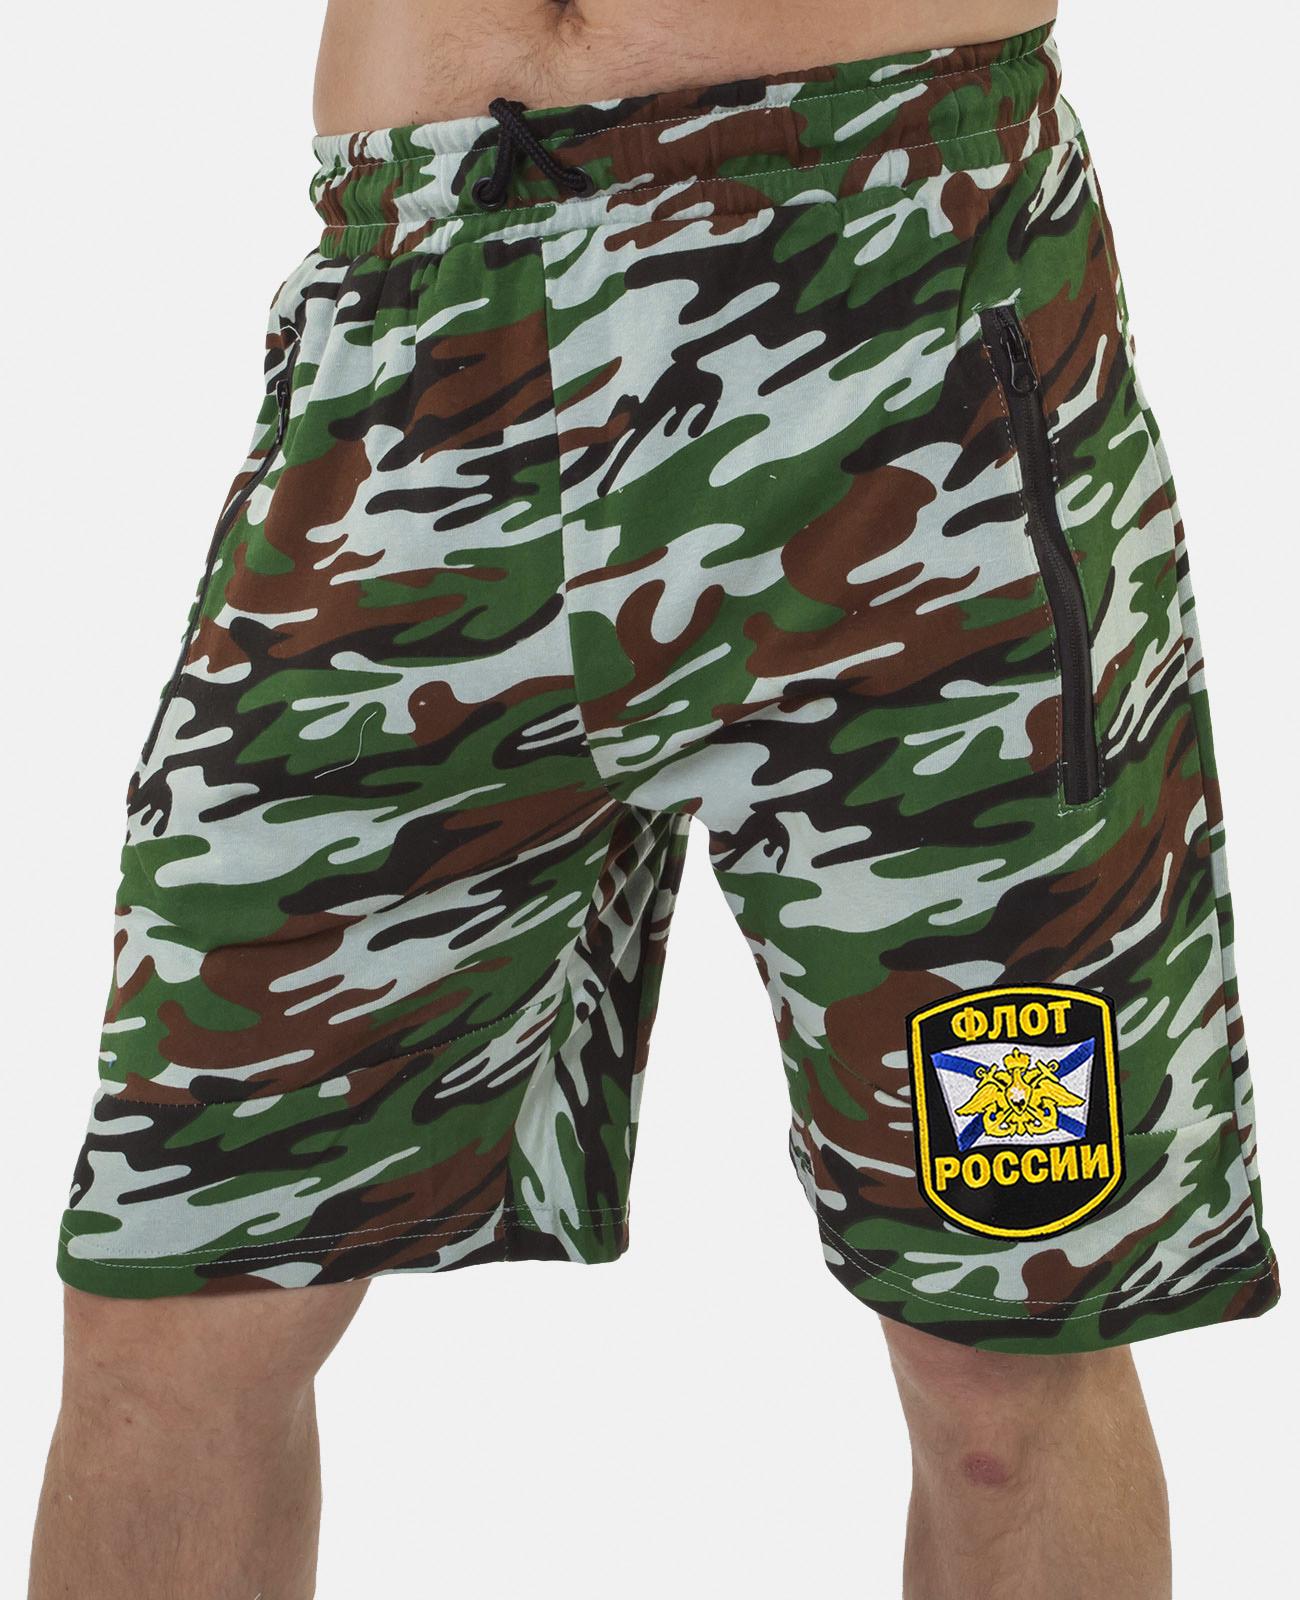 Купить камуфляжные армейские шорты с нашивкой Флот России с доставкой в любой город